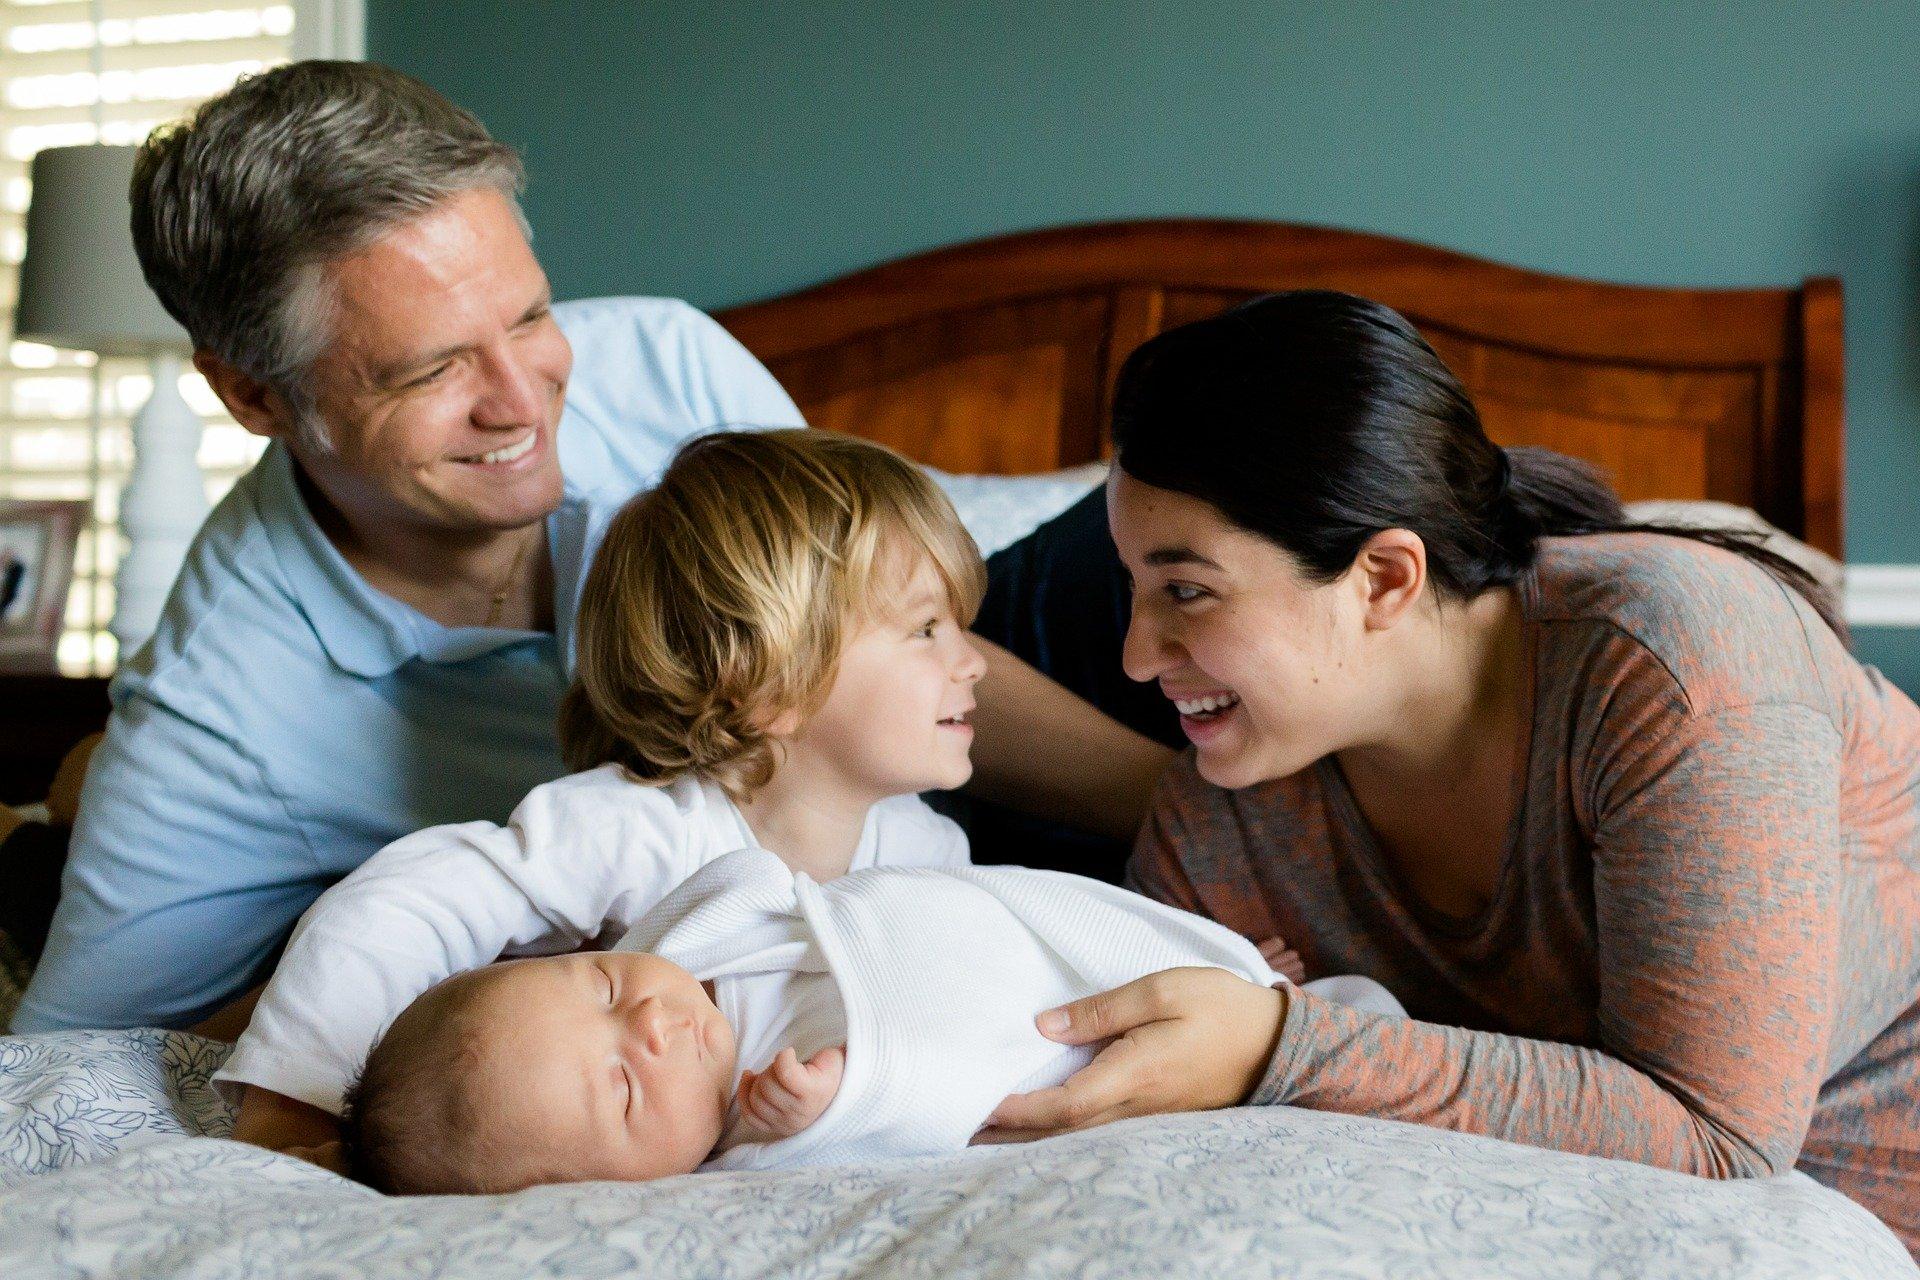 Miembros de la familia extendida y derechos de custodia legal de los hijos en Estados Unidos